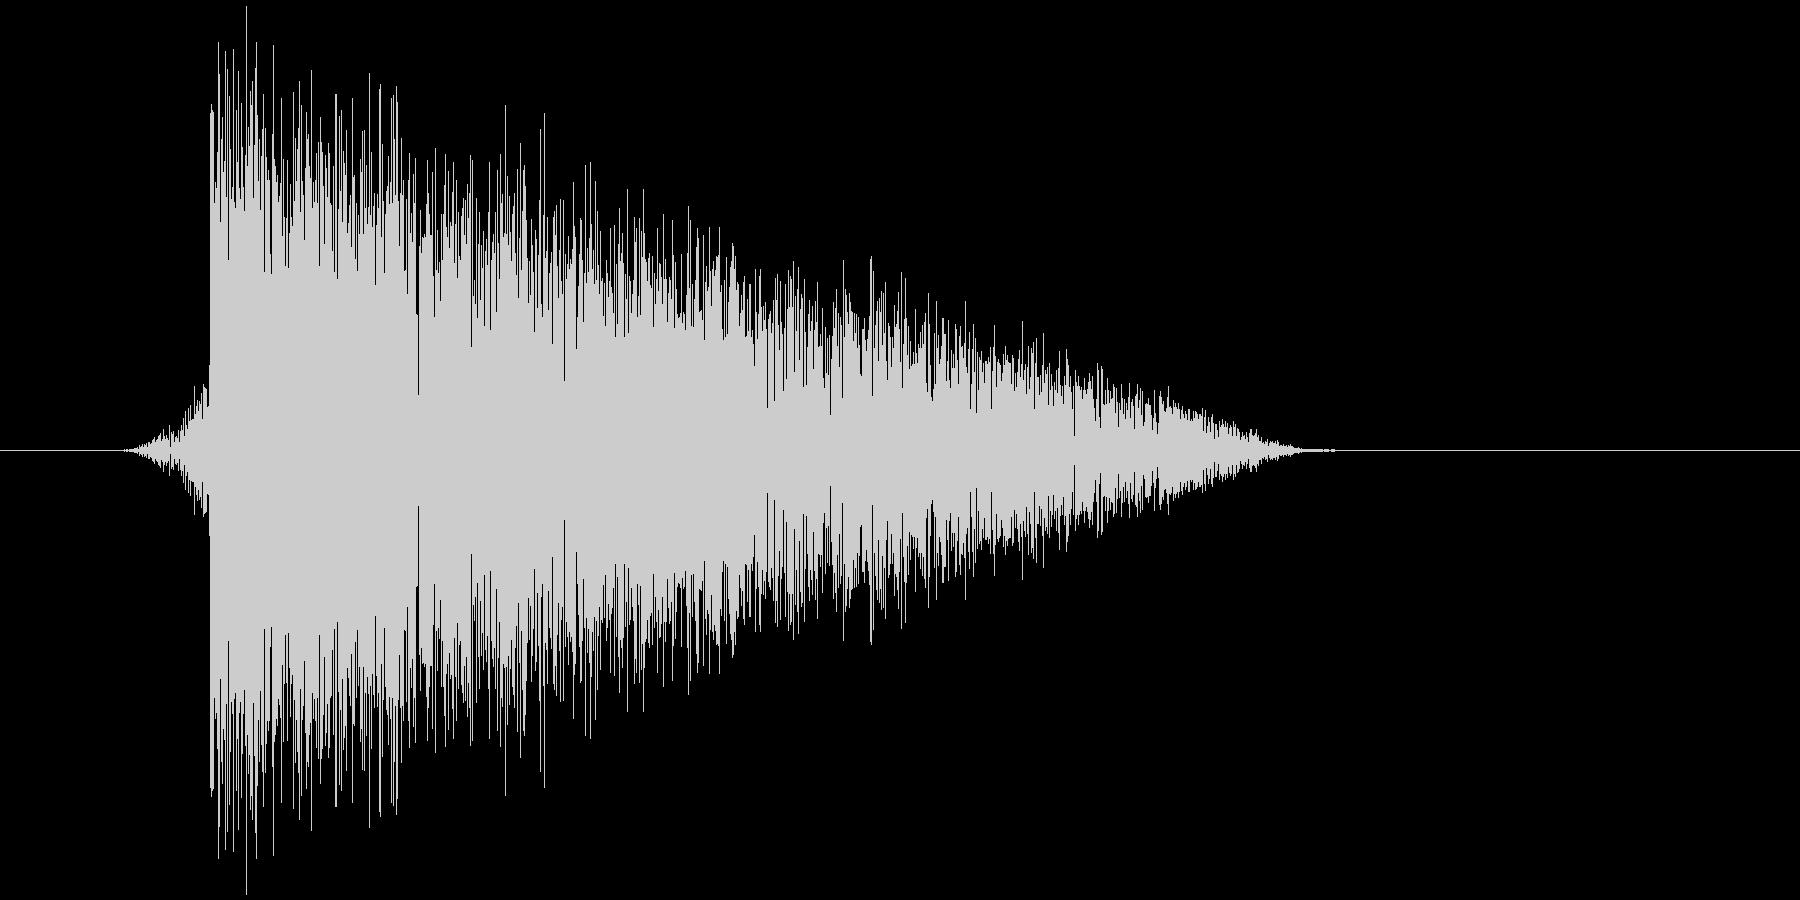 ゲーム(ファミコン風)爆発音_013の未再生の波形